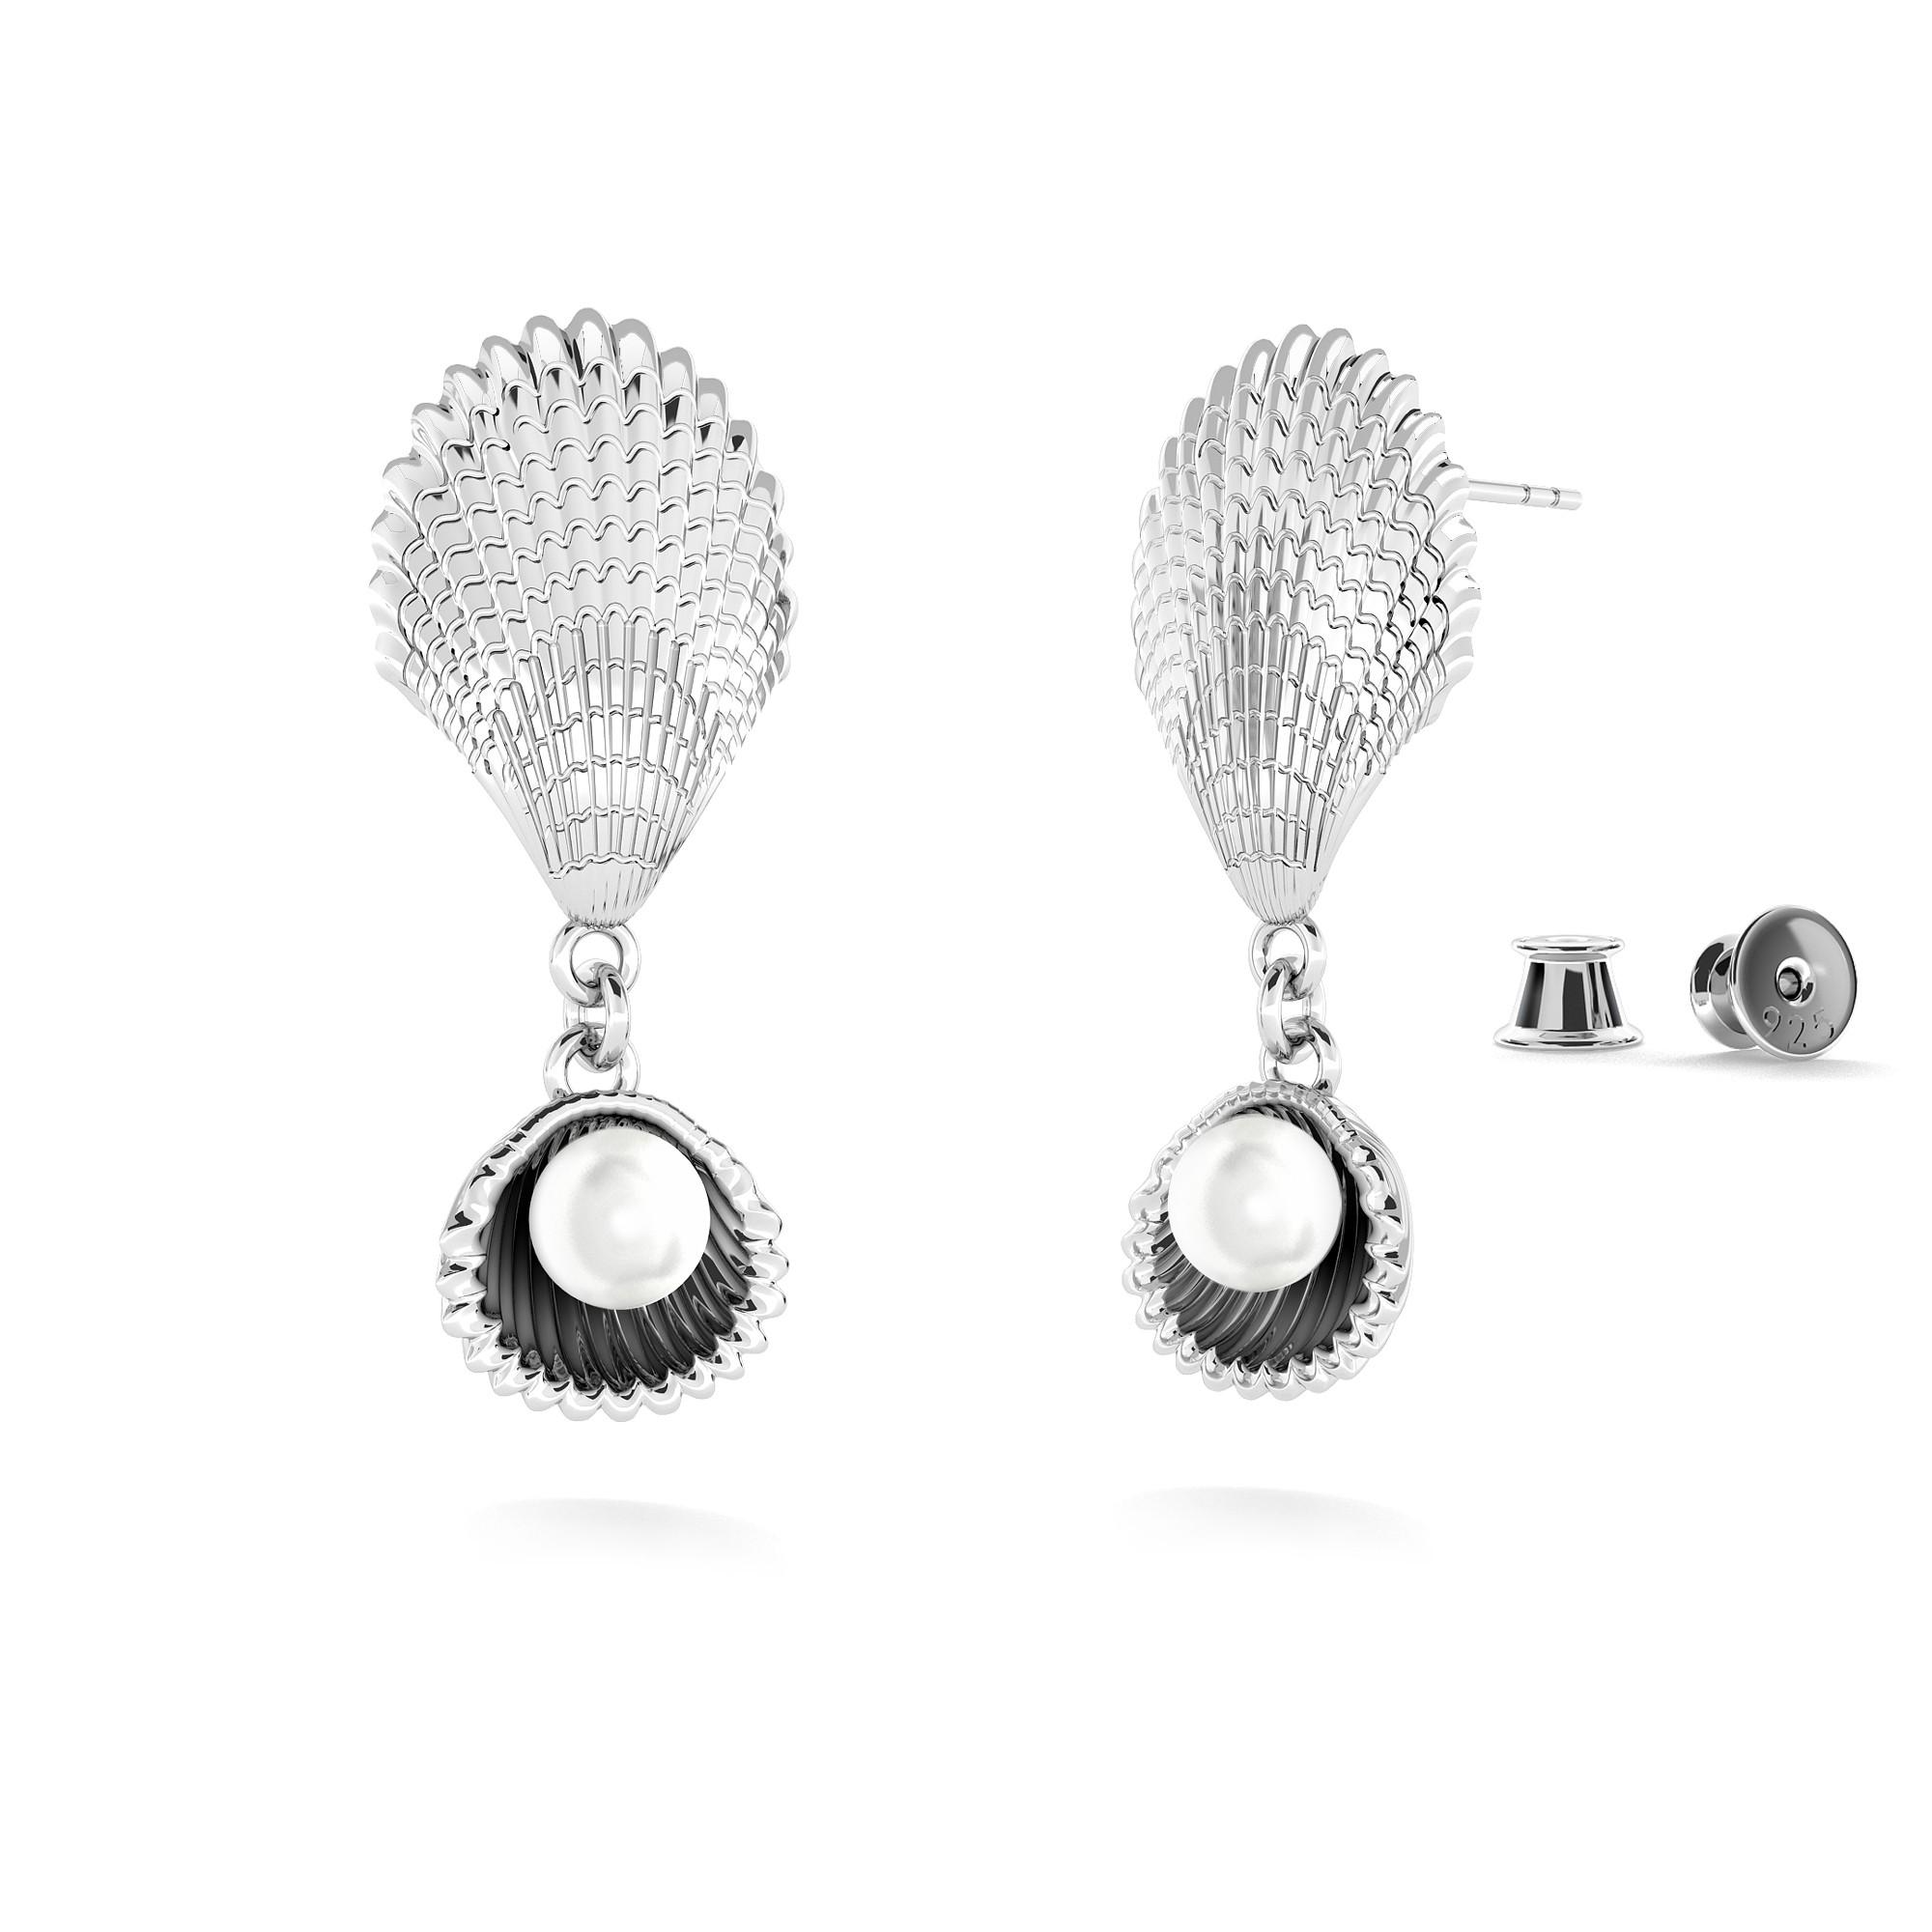 Kolczyki muszelki z perłą, MON DÉFI, srebro 925